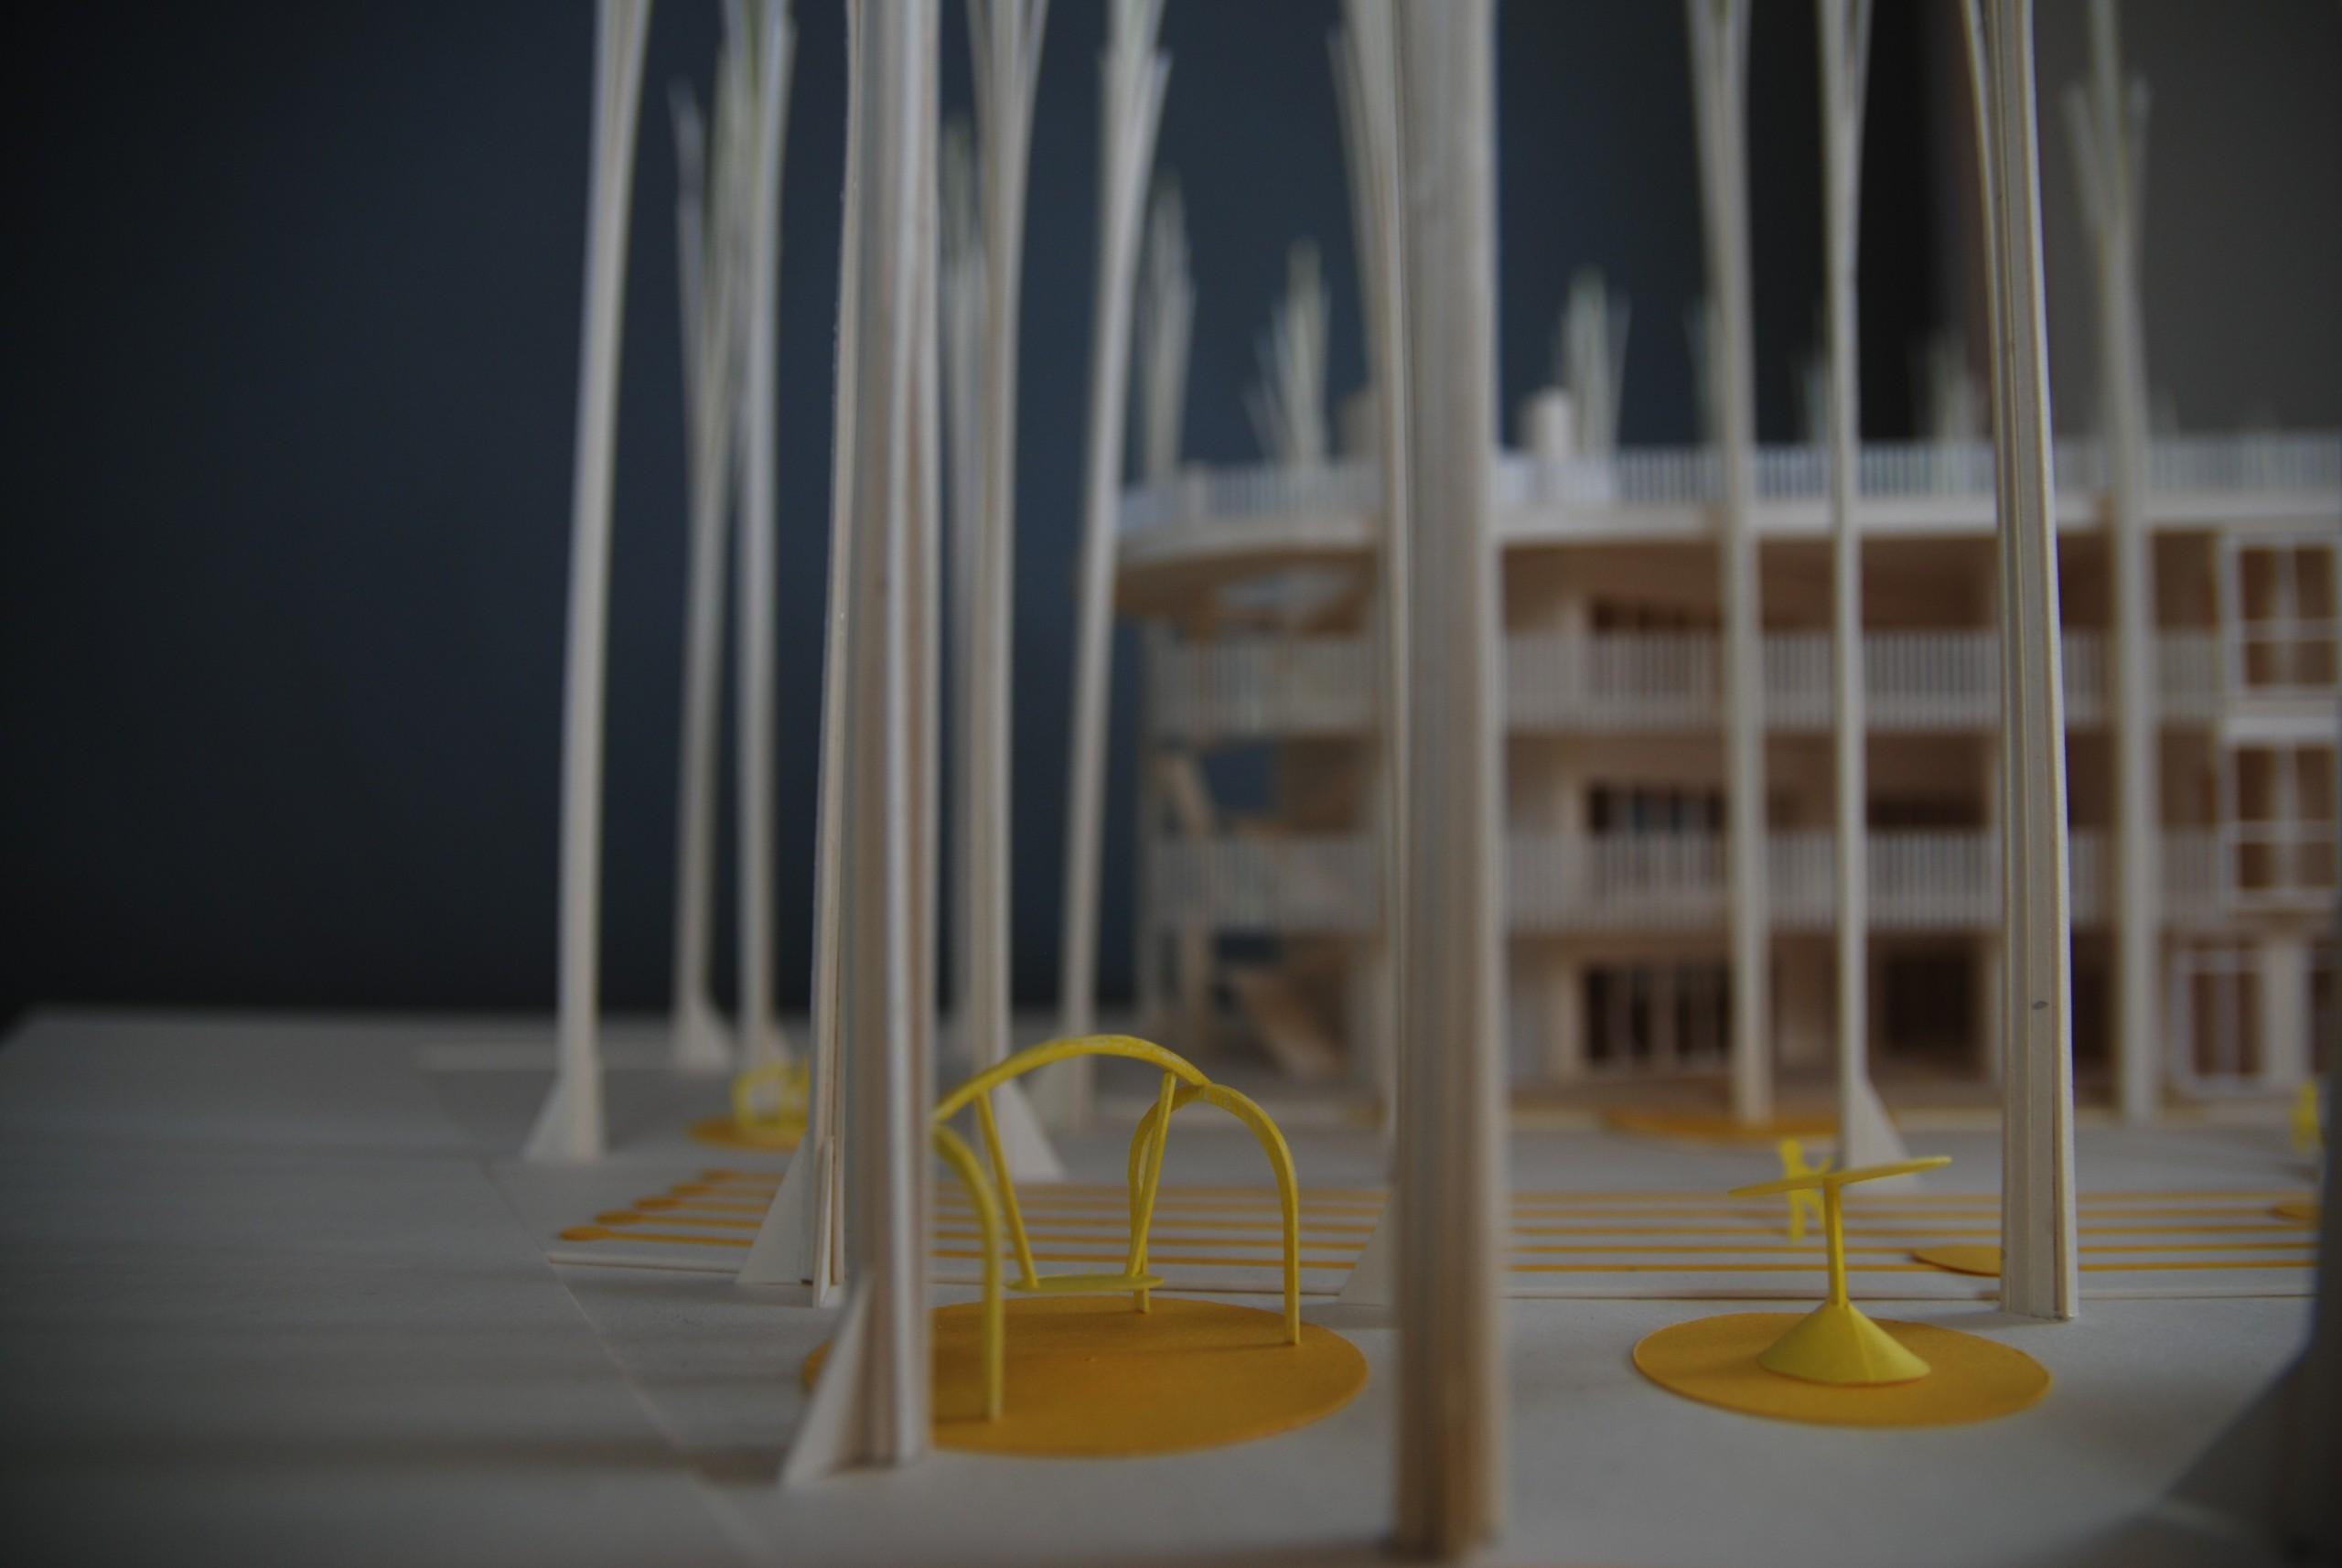 德築-DEZU-project-淡海大芽幼兒園-architecture-building-model-3